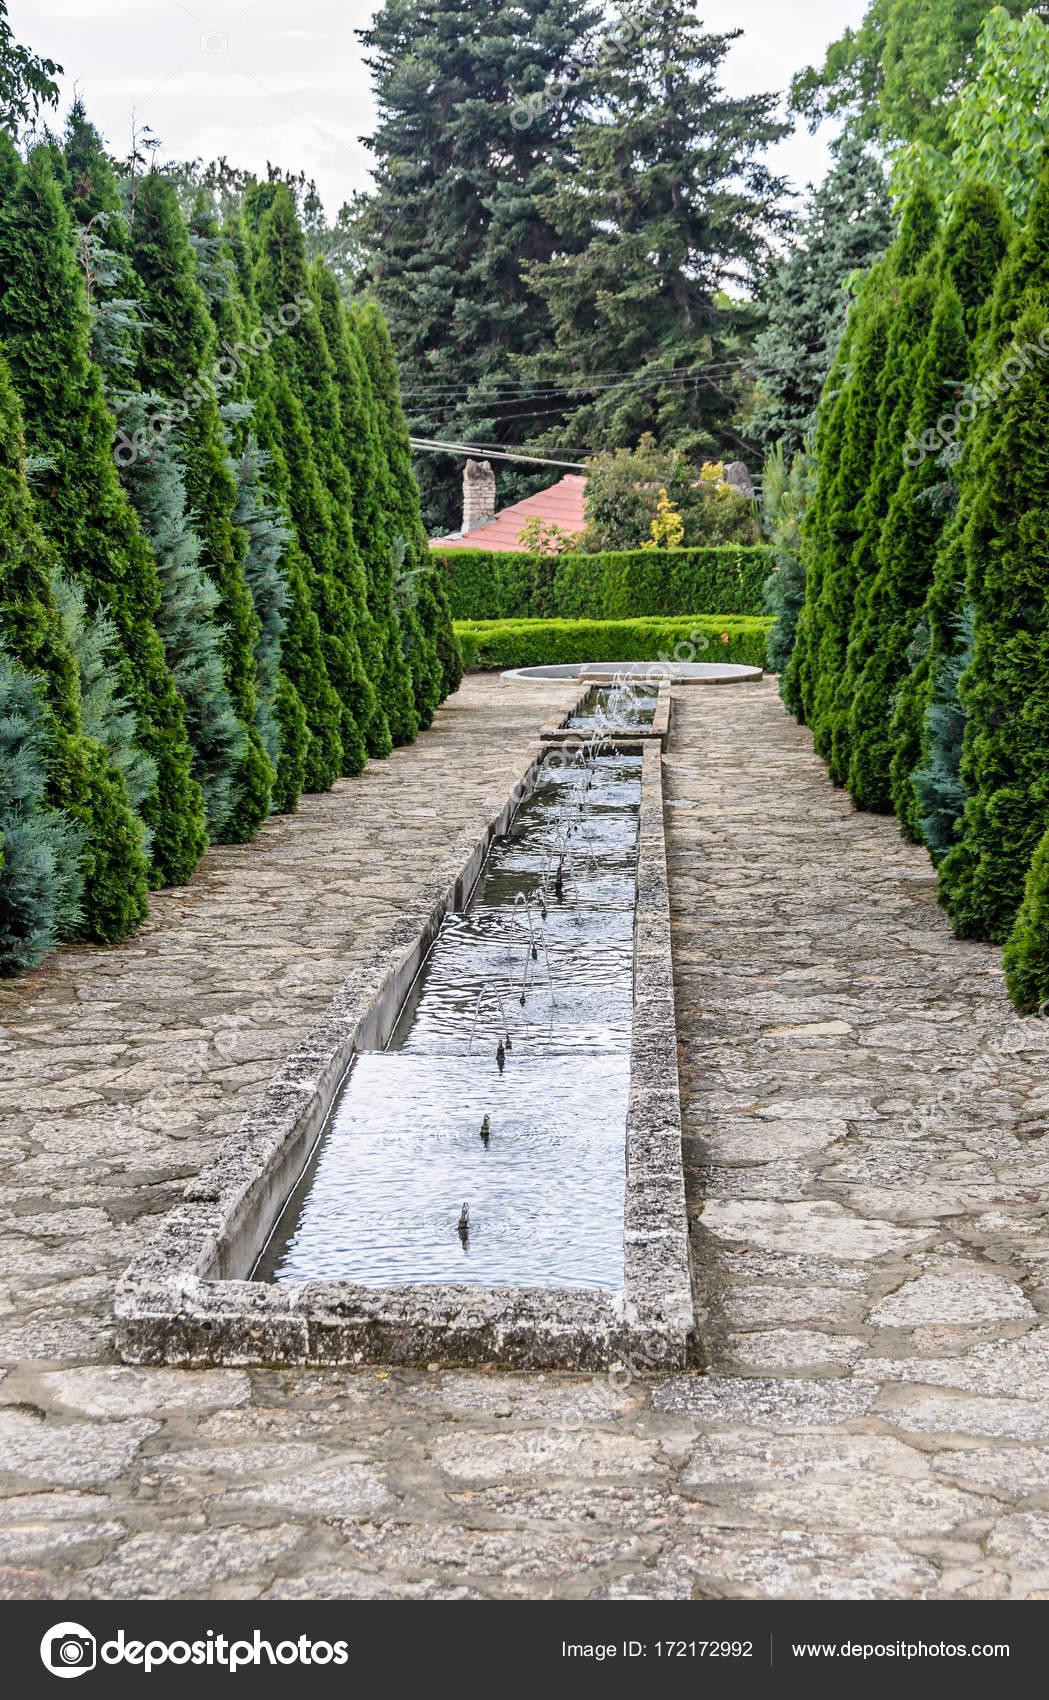 Jardn Botnico con rboles de pino verde y fuentes decorativas de